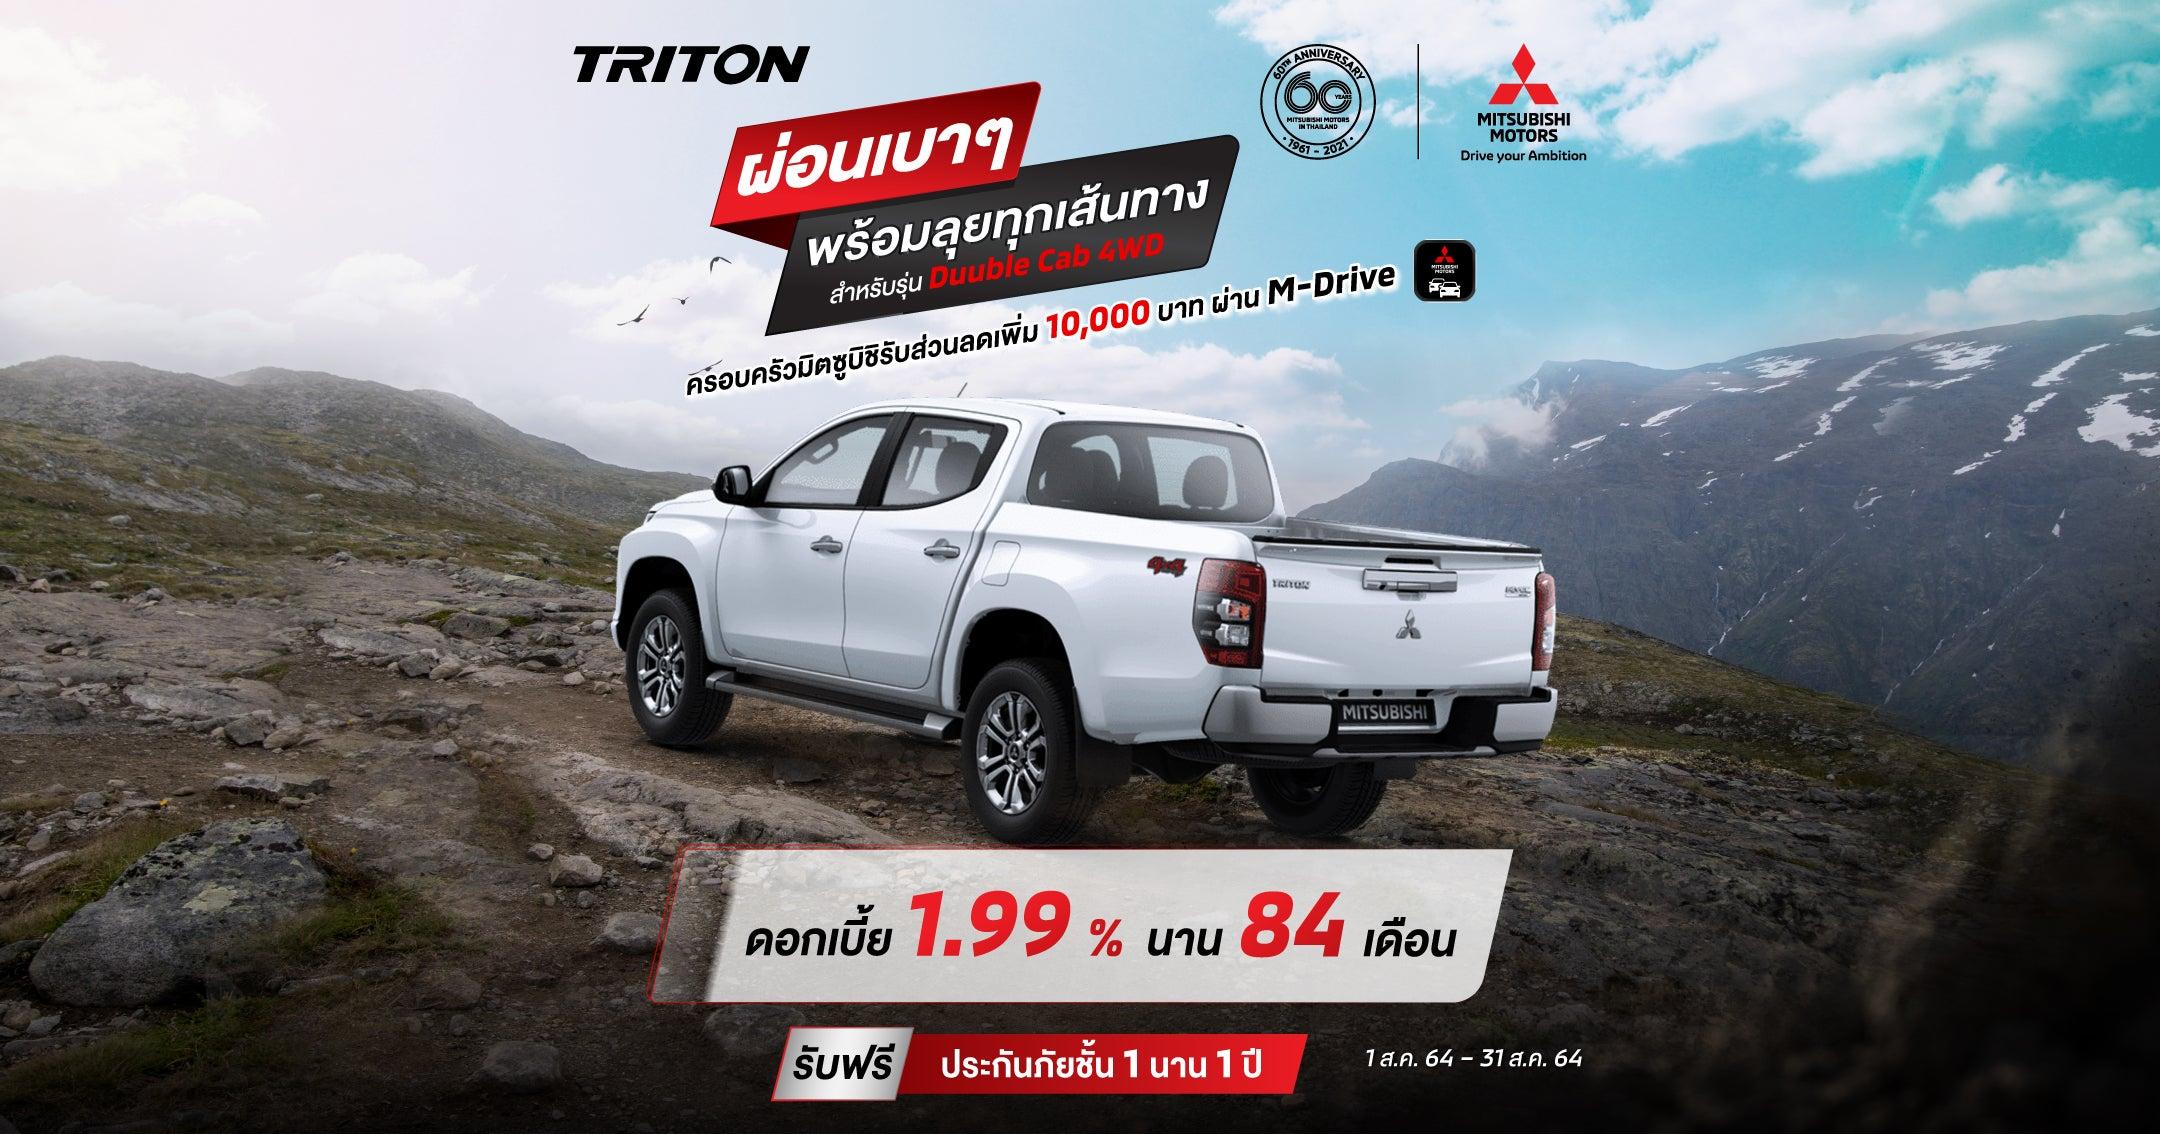 New Triton สำหรับรุ่น ดับเบิ้ล แค็บ (4WD) รับดอกเบี้ย 1.99%* นาน 84 เดือน